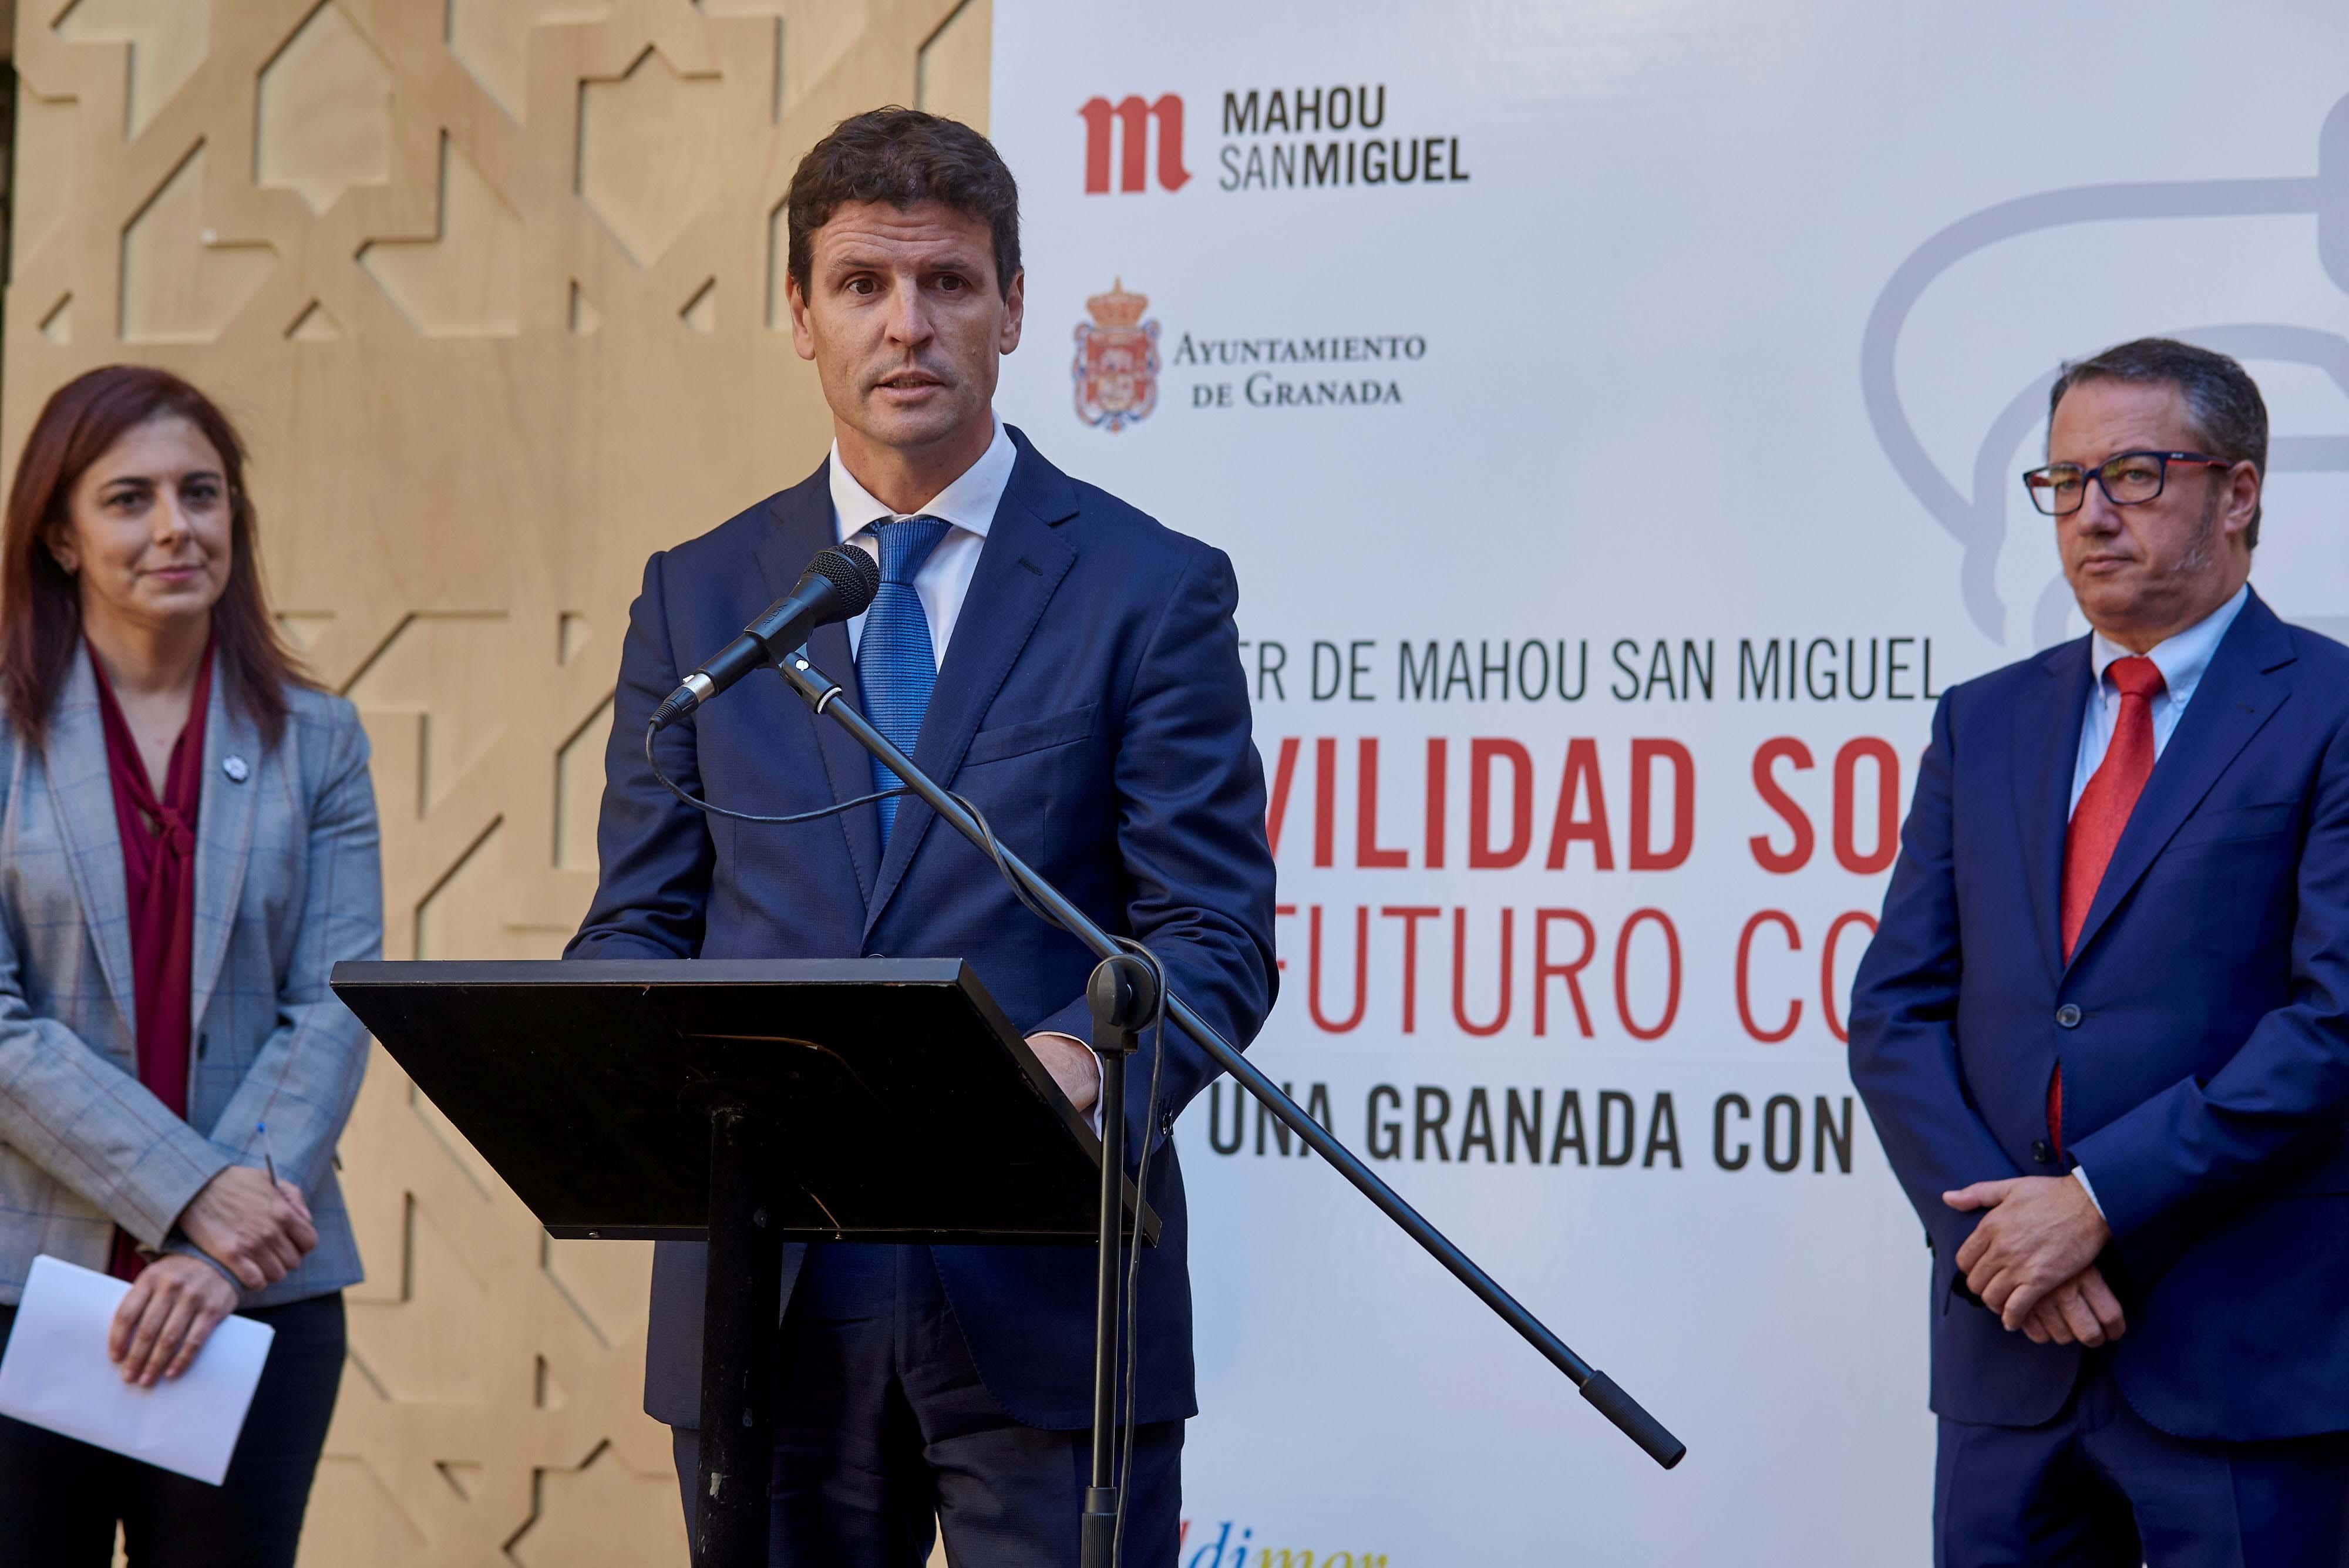 Presentación de la nueva flota eléctrica de Mahou San Miguel en Granada